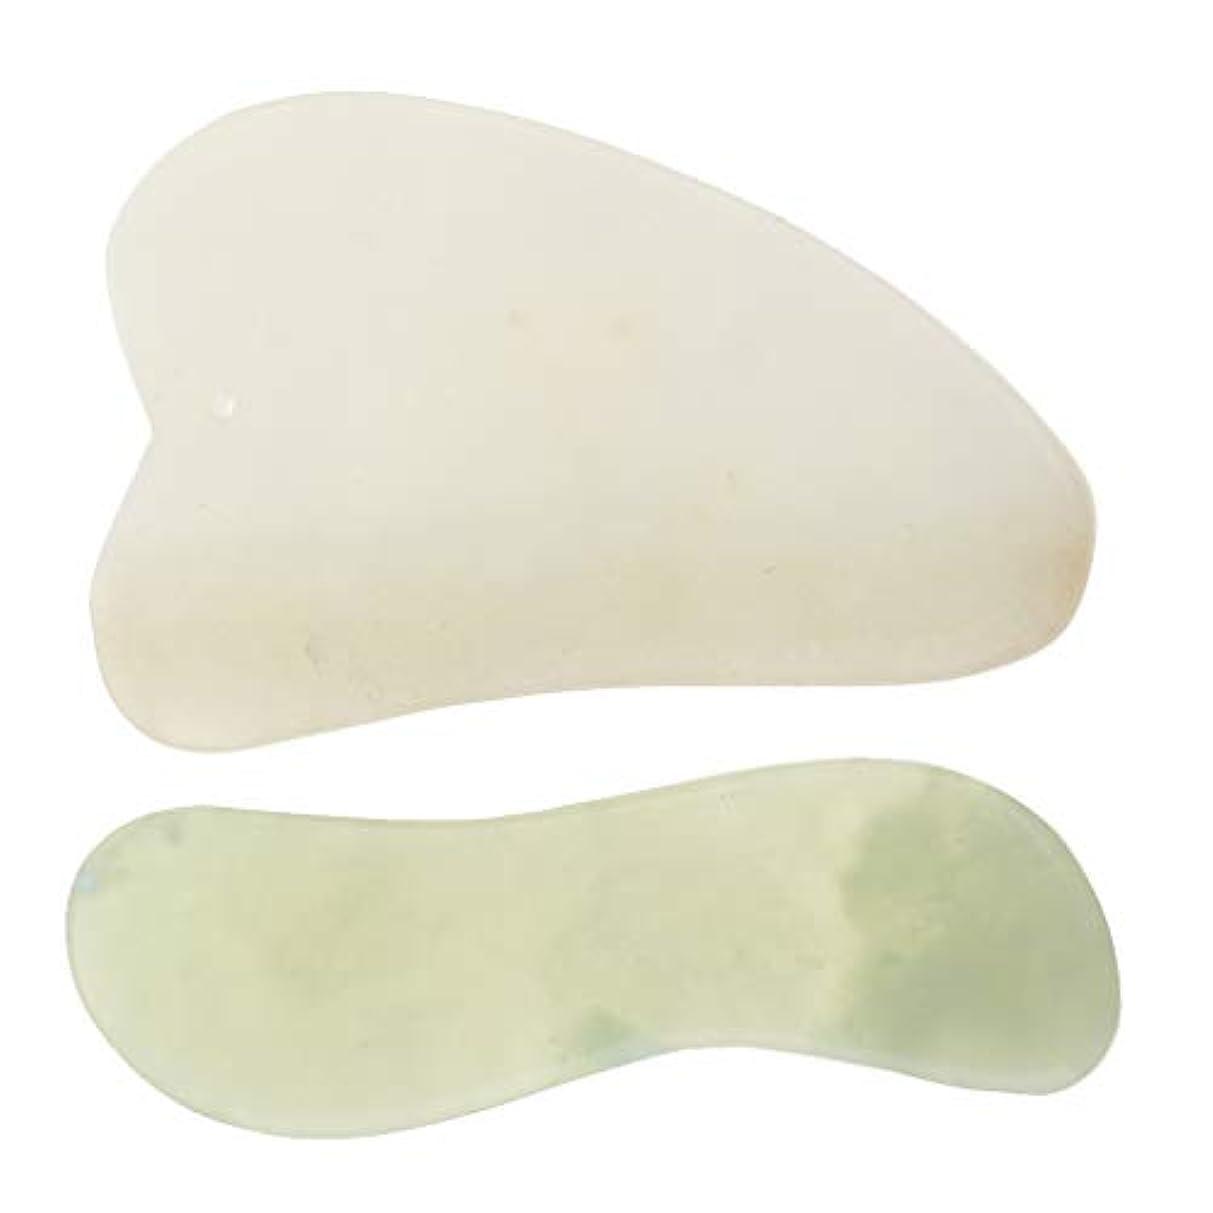 予想する透けて見える買うかっさプレート カッサボード 天然石 美顔 マッサージツール 2個入